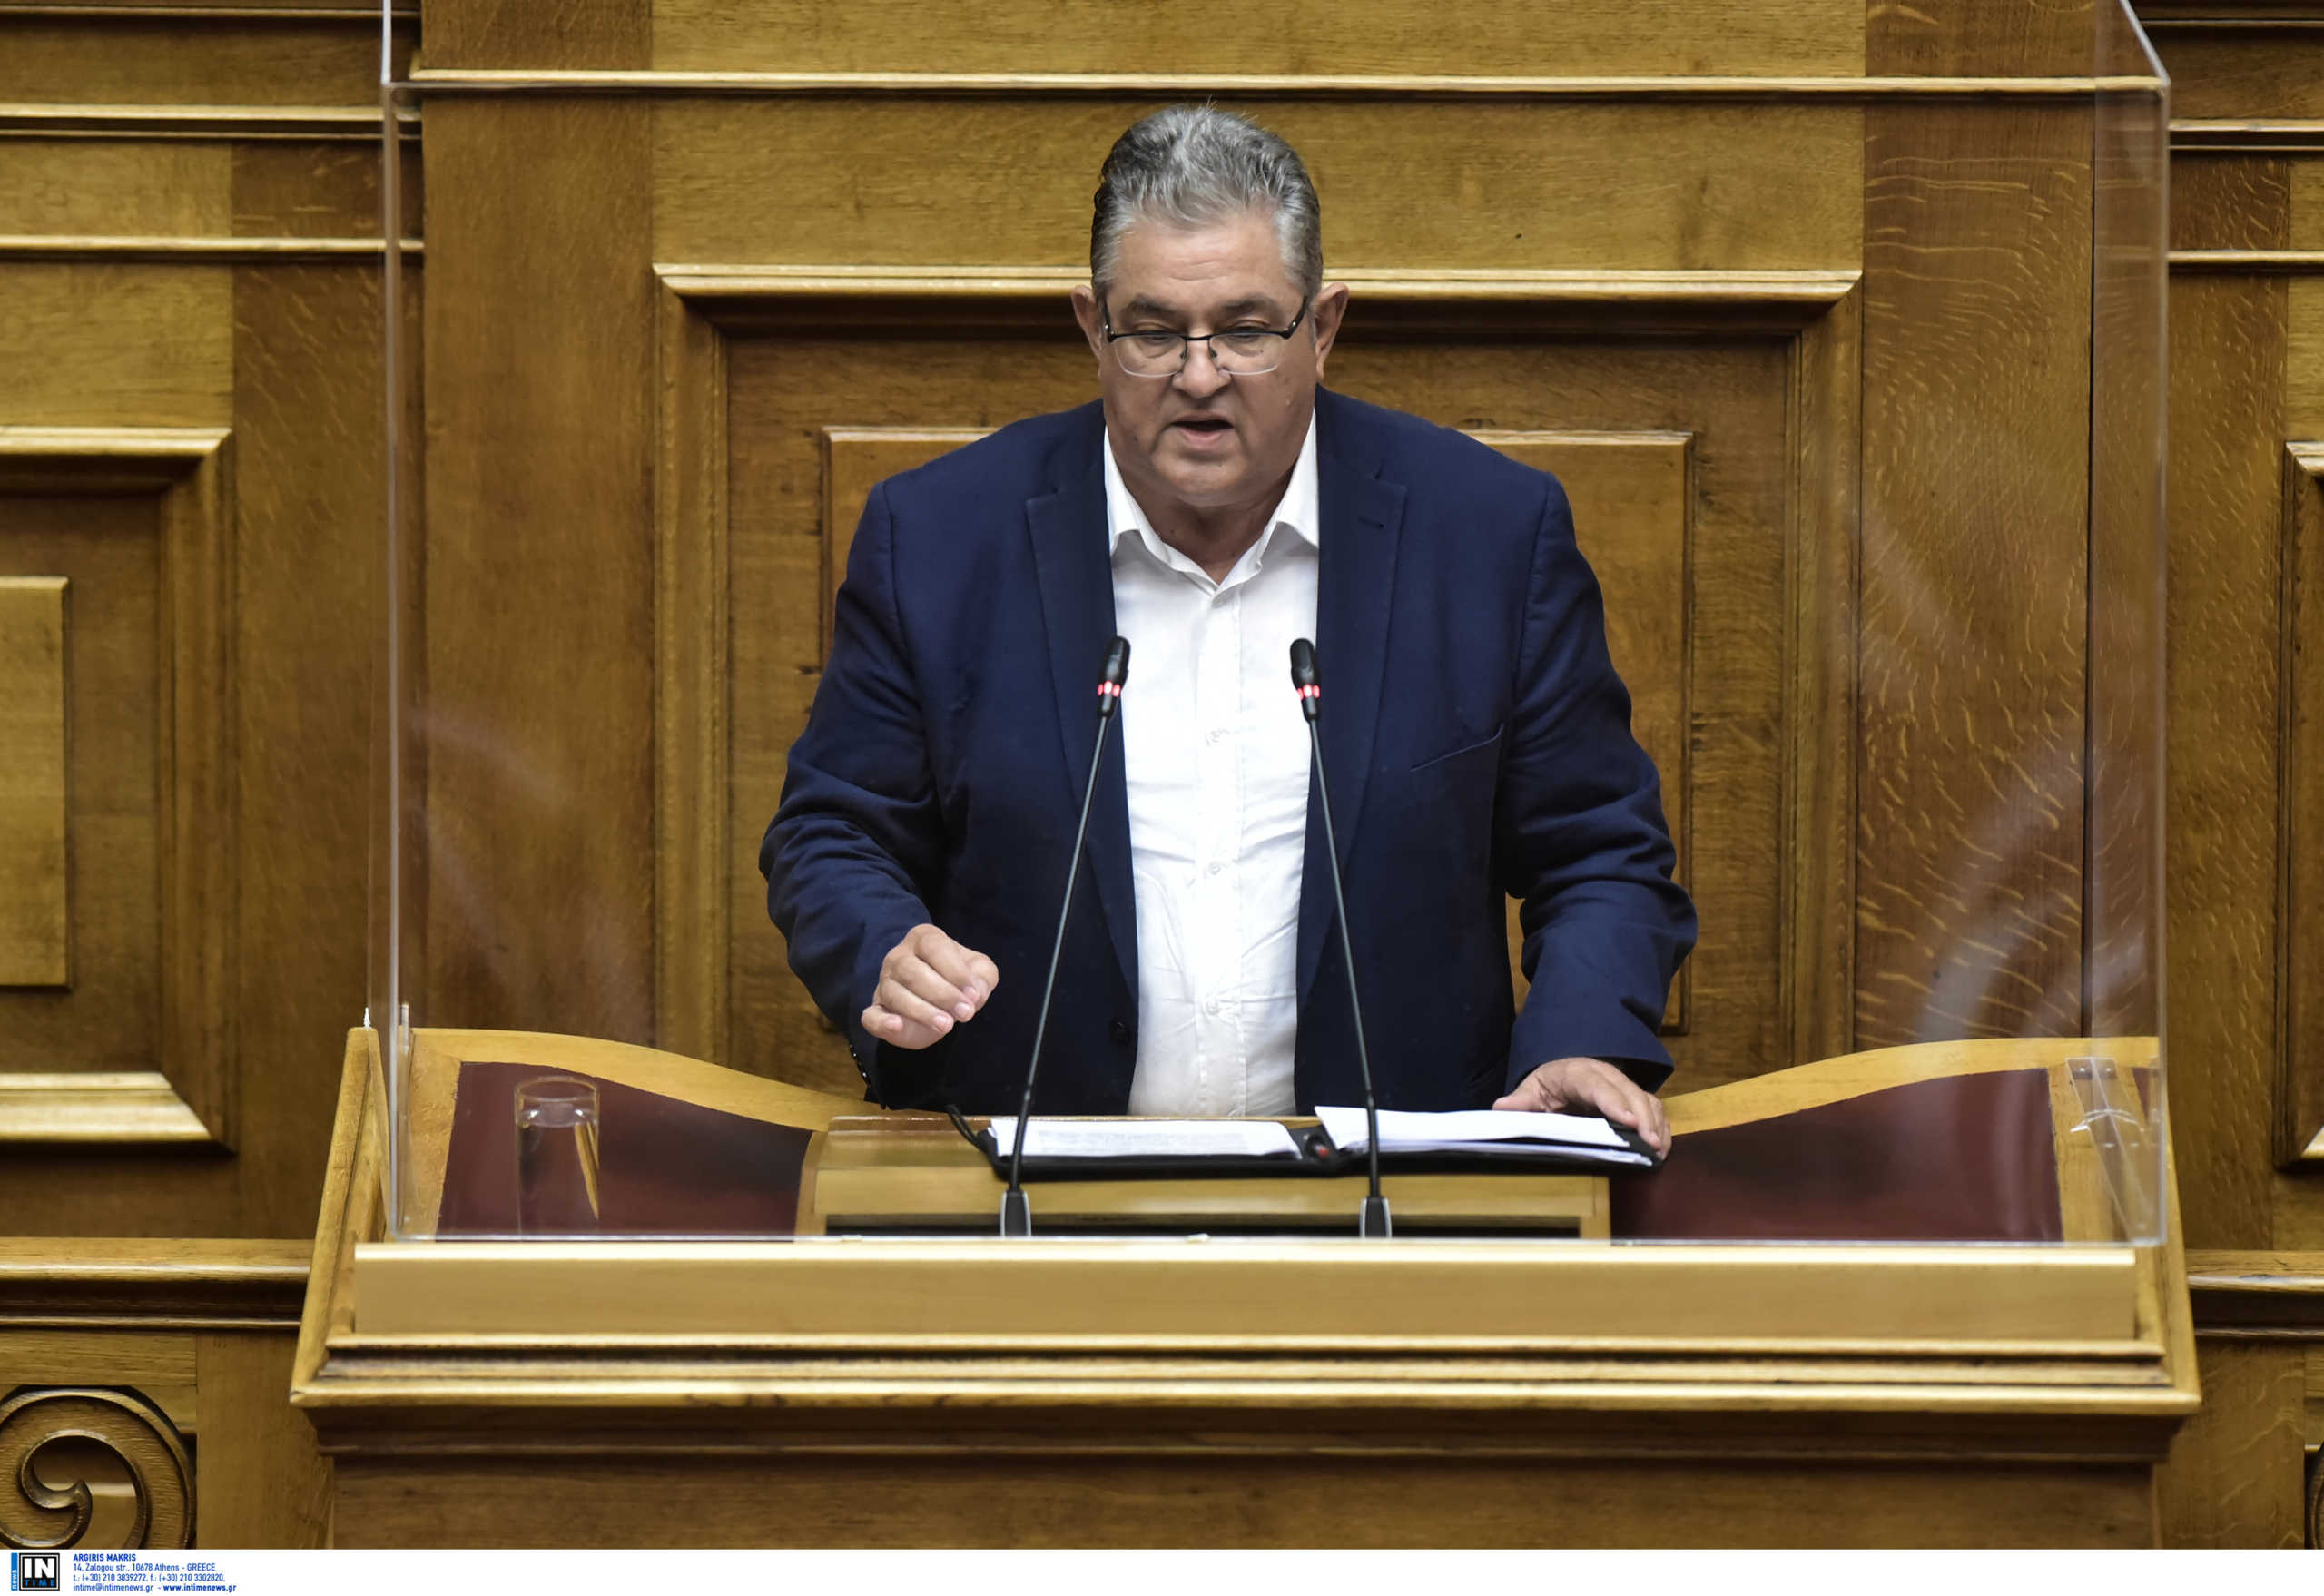 Πόθεν έσχες – Δημήτρης Κουτσούμπας: Τι δηλώνει ο Γενικός Γραμματέας του ΚΚΕ για το 2019